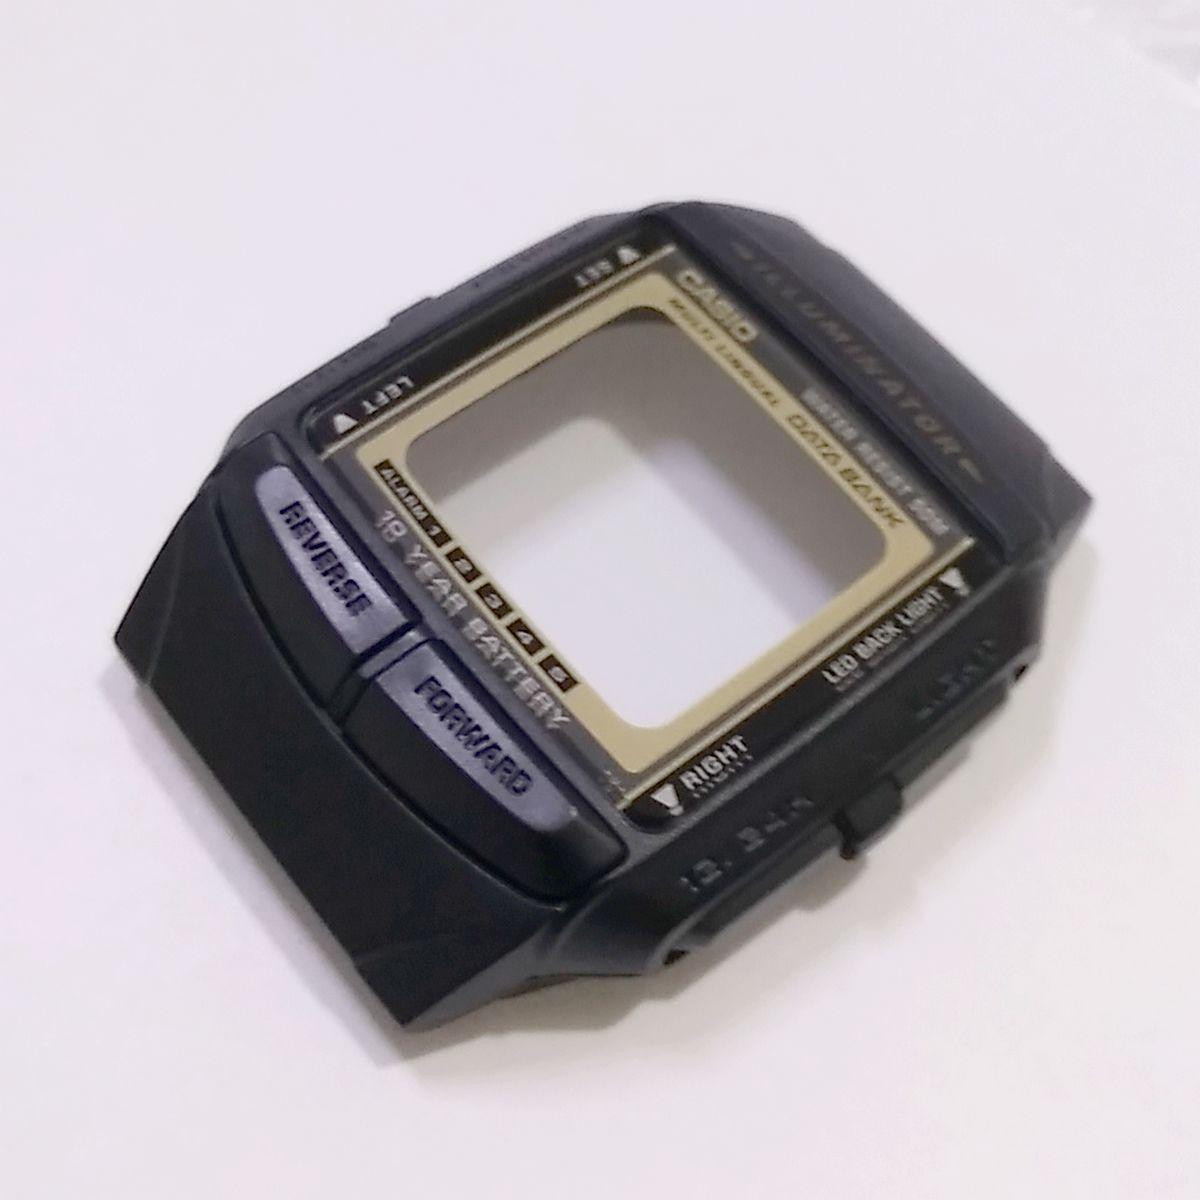 Case Frontal Relogio Casio Db-36-9a  Serie Ouro Peça Original  - E-Presentes